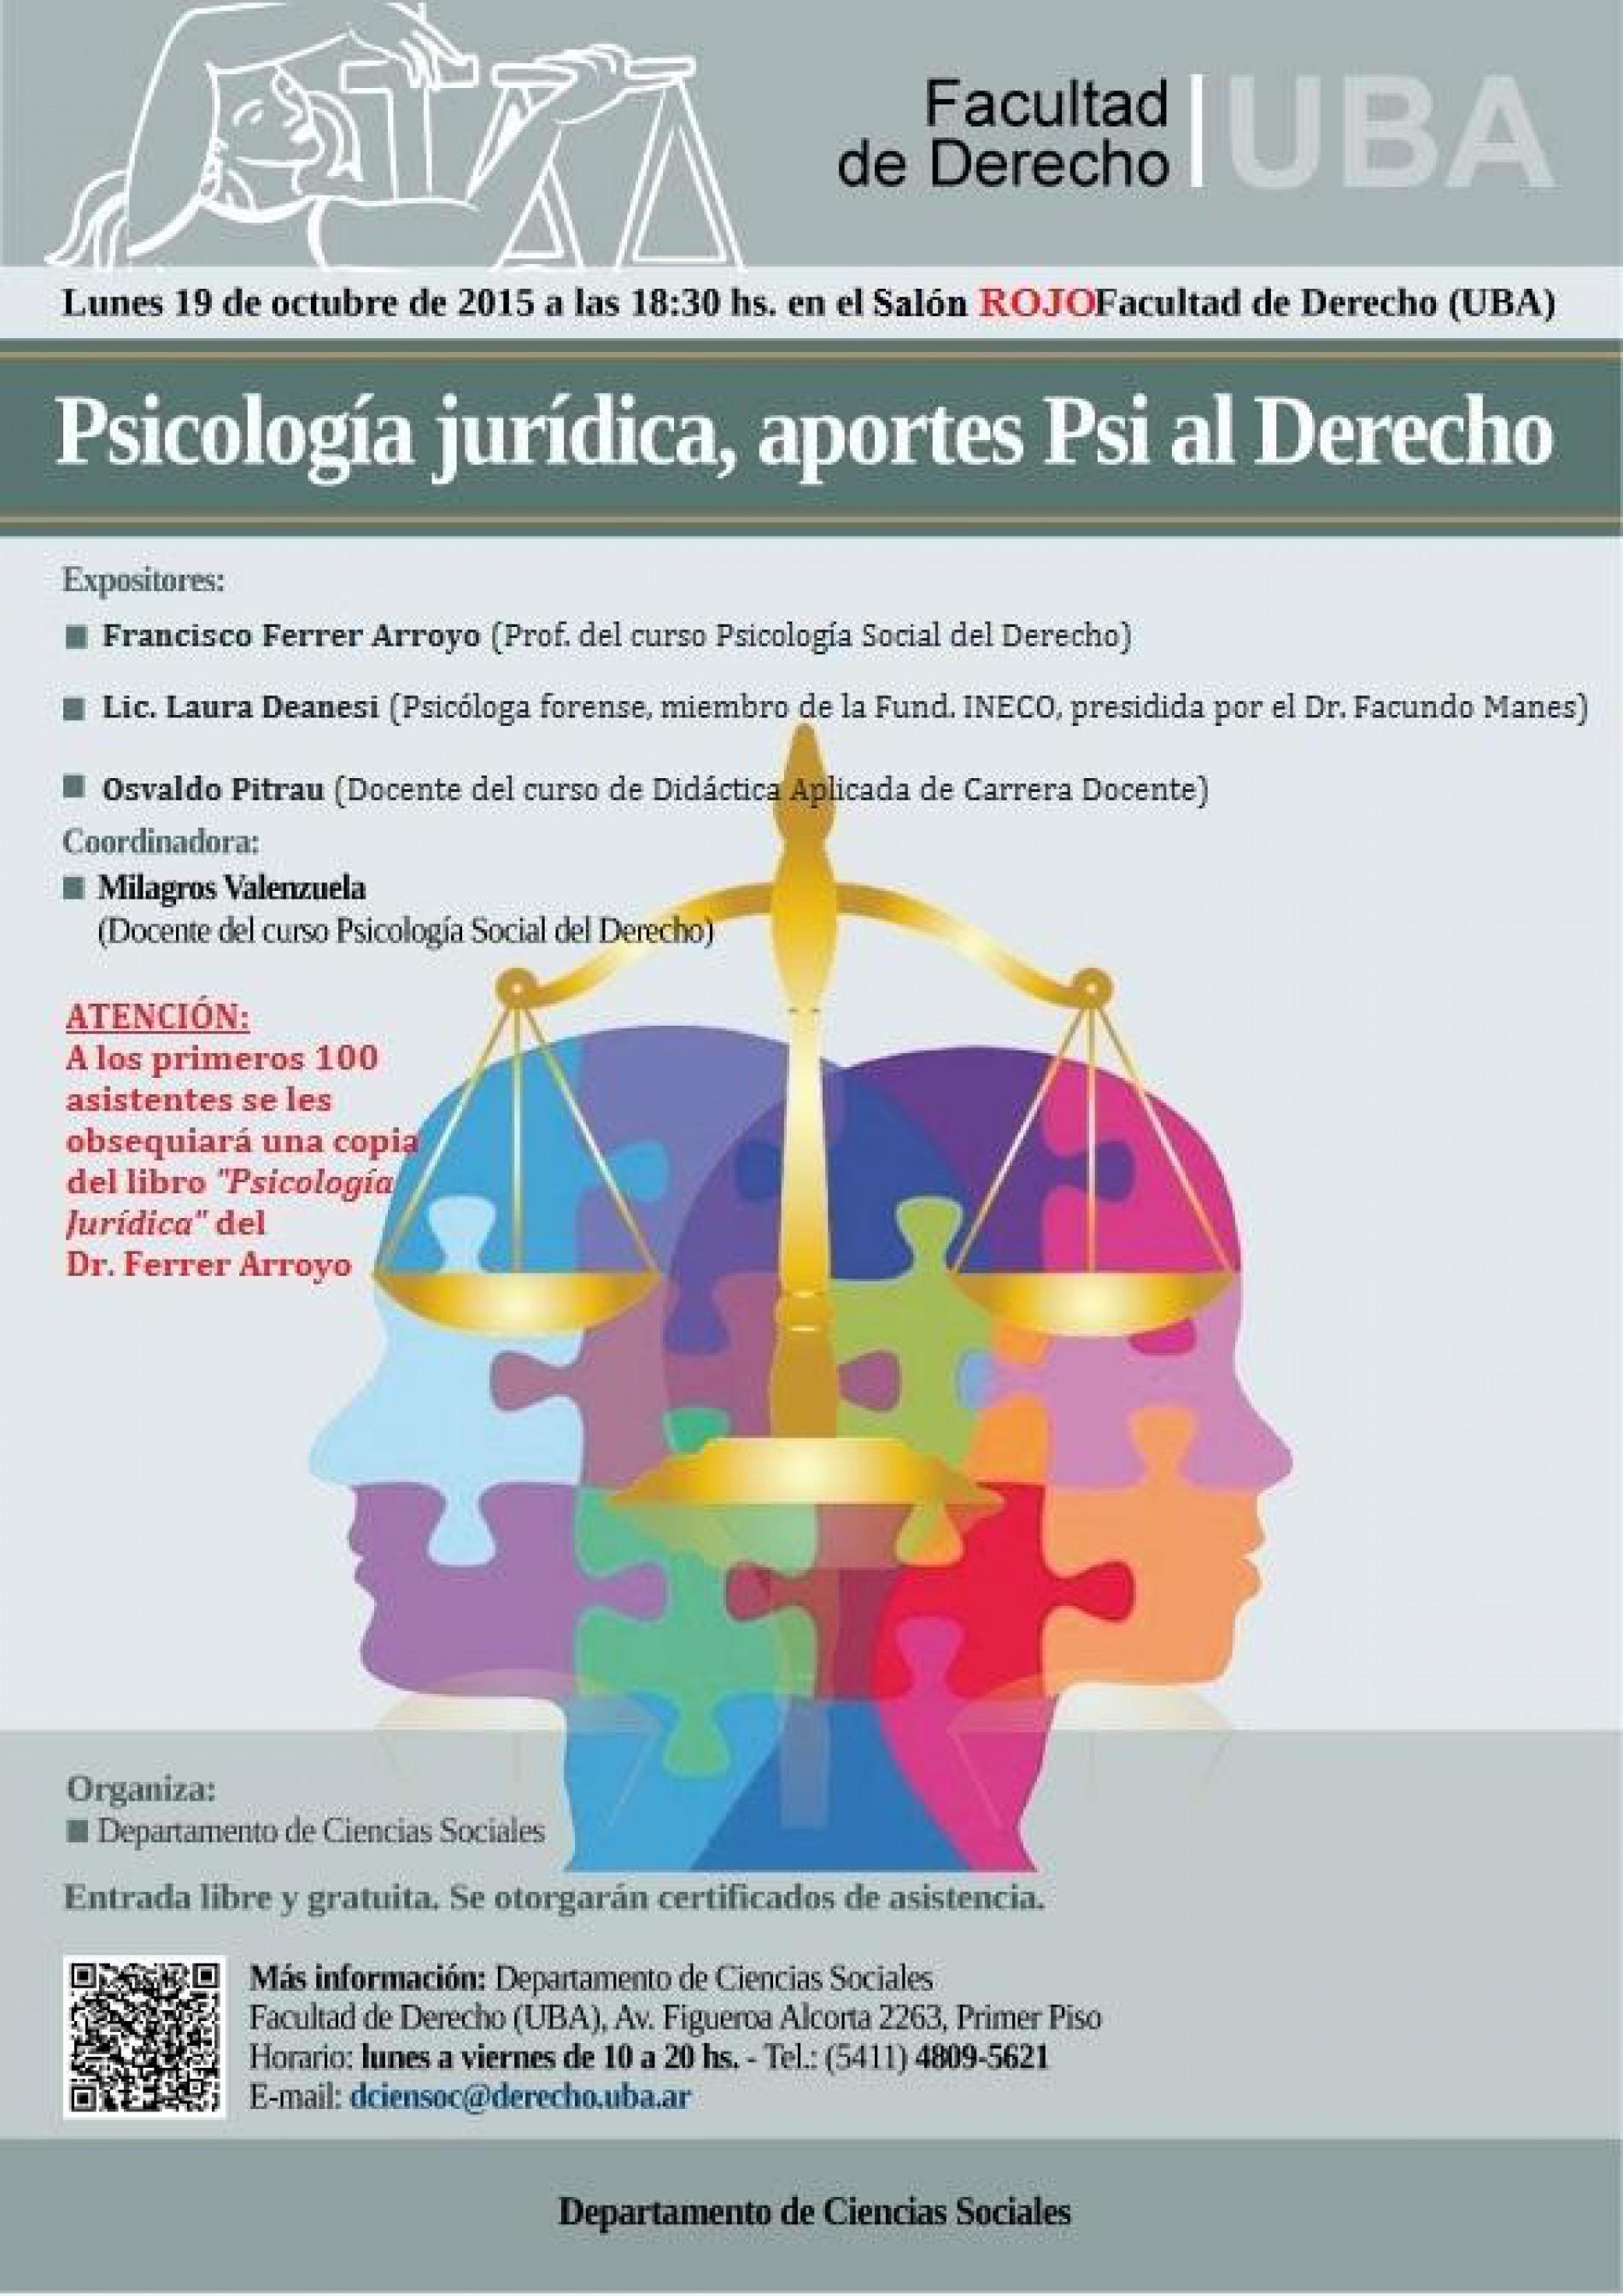 Psicología Jurídica, aportes Psi al Derecho